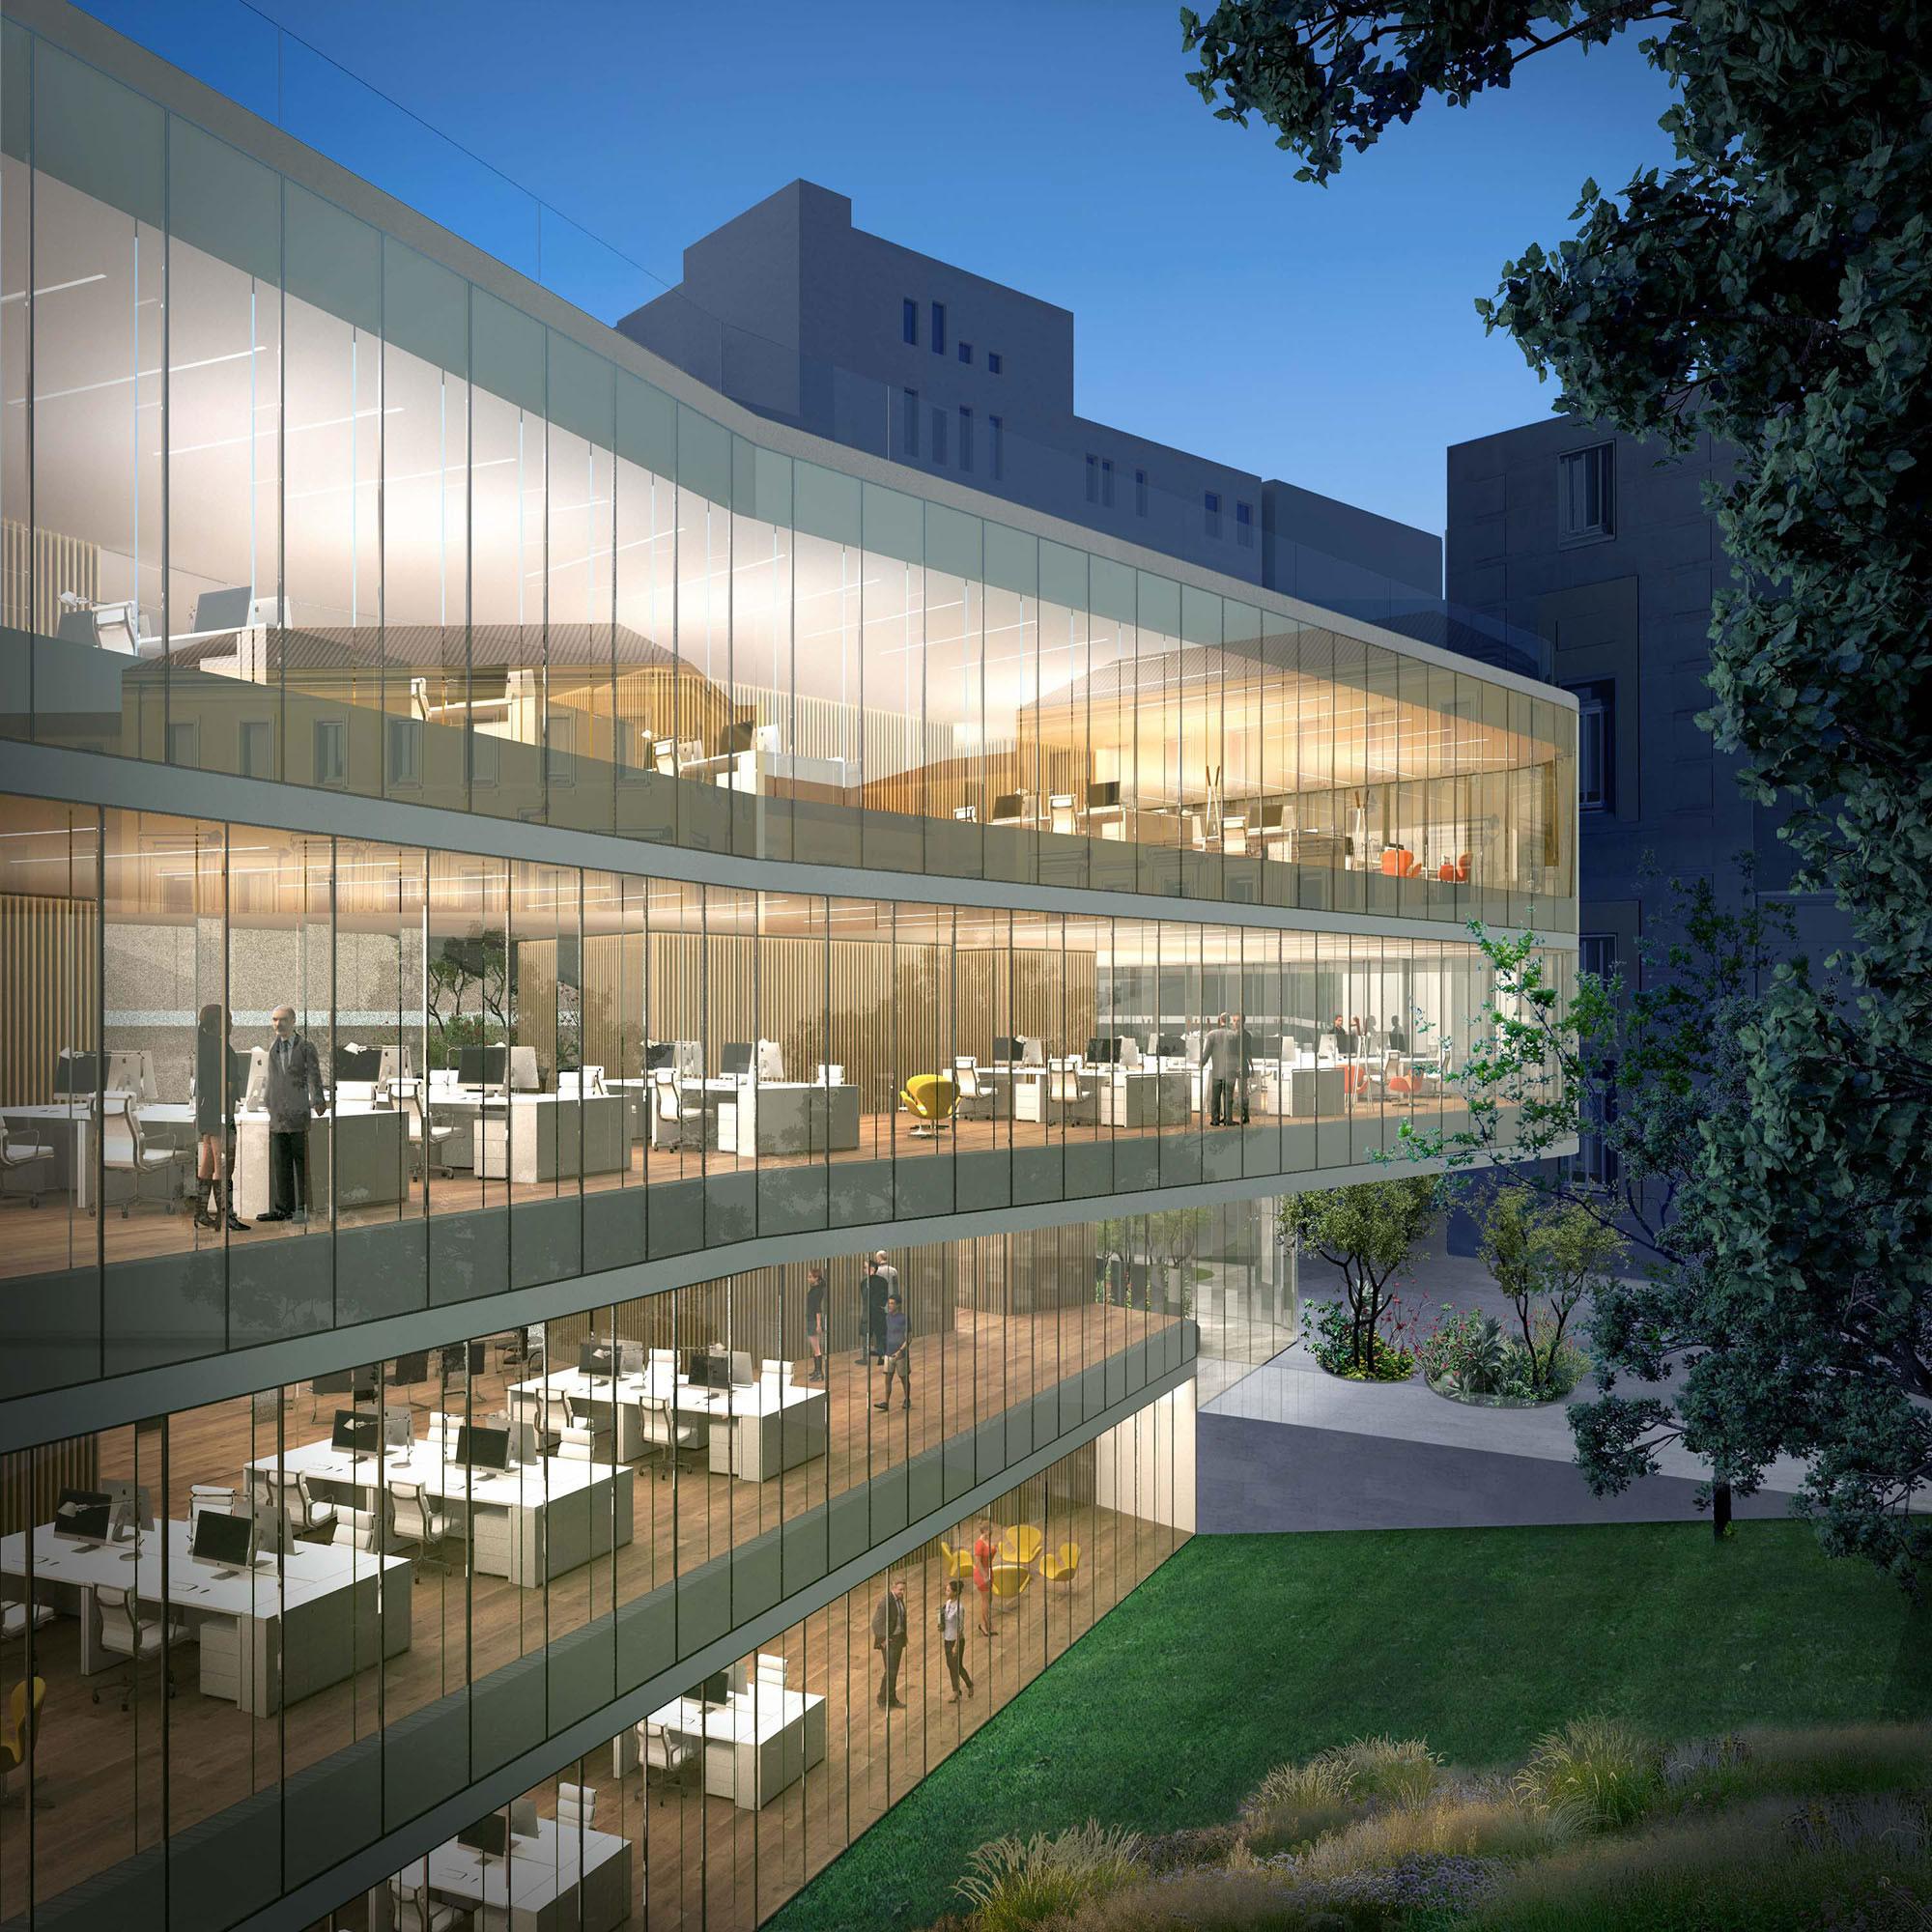 La cristalera berciana Tvitec vestirá con vidrios ecoeficientes la nueva sede de la lujosa Luxottica en Milán 3